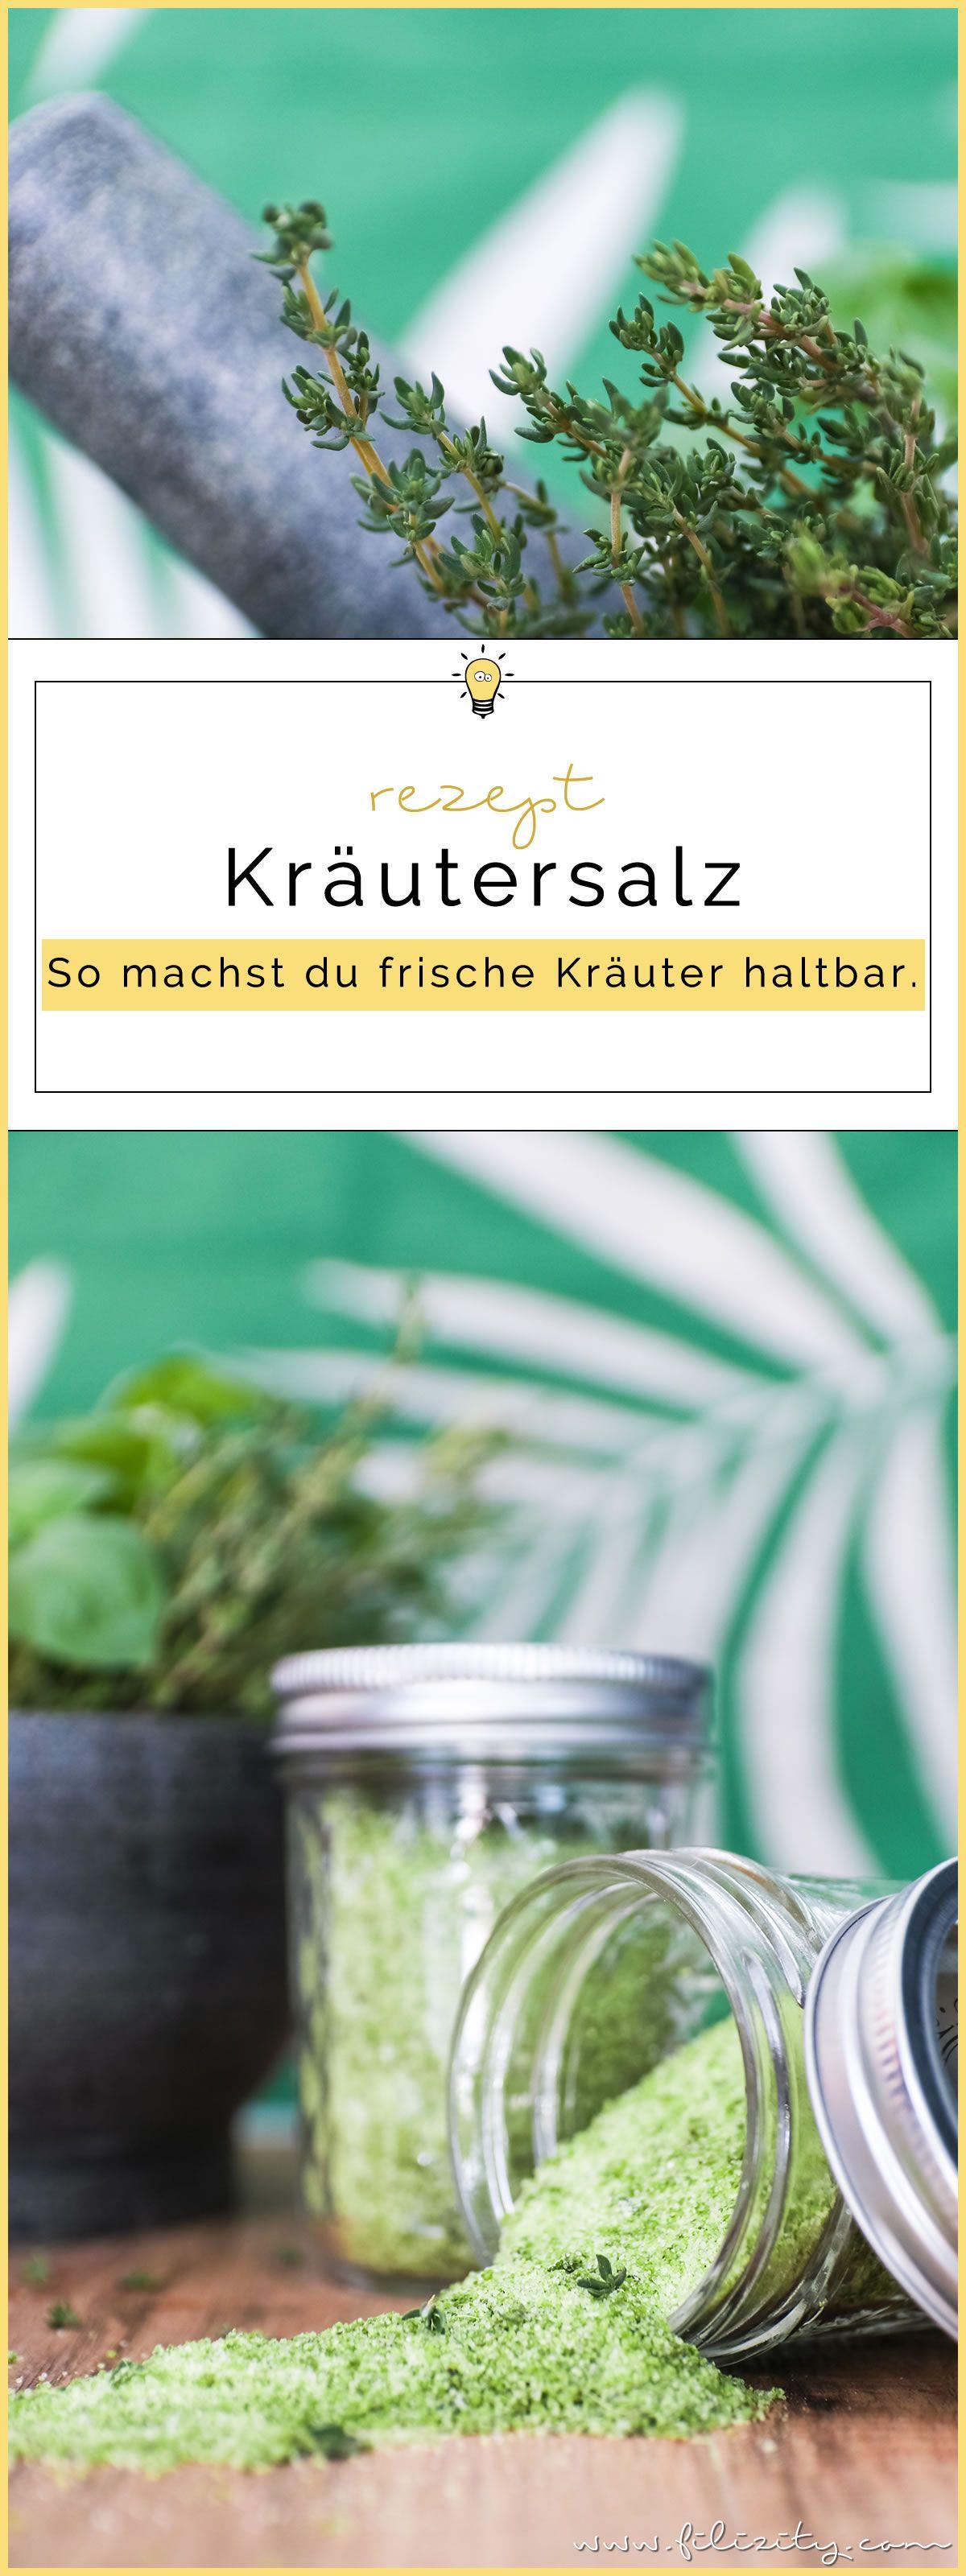 Kräutersalz herstellen – So machst du frische Kräuter haltbar | mediterranes Herbst-Rezept #kräuter #mediterran